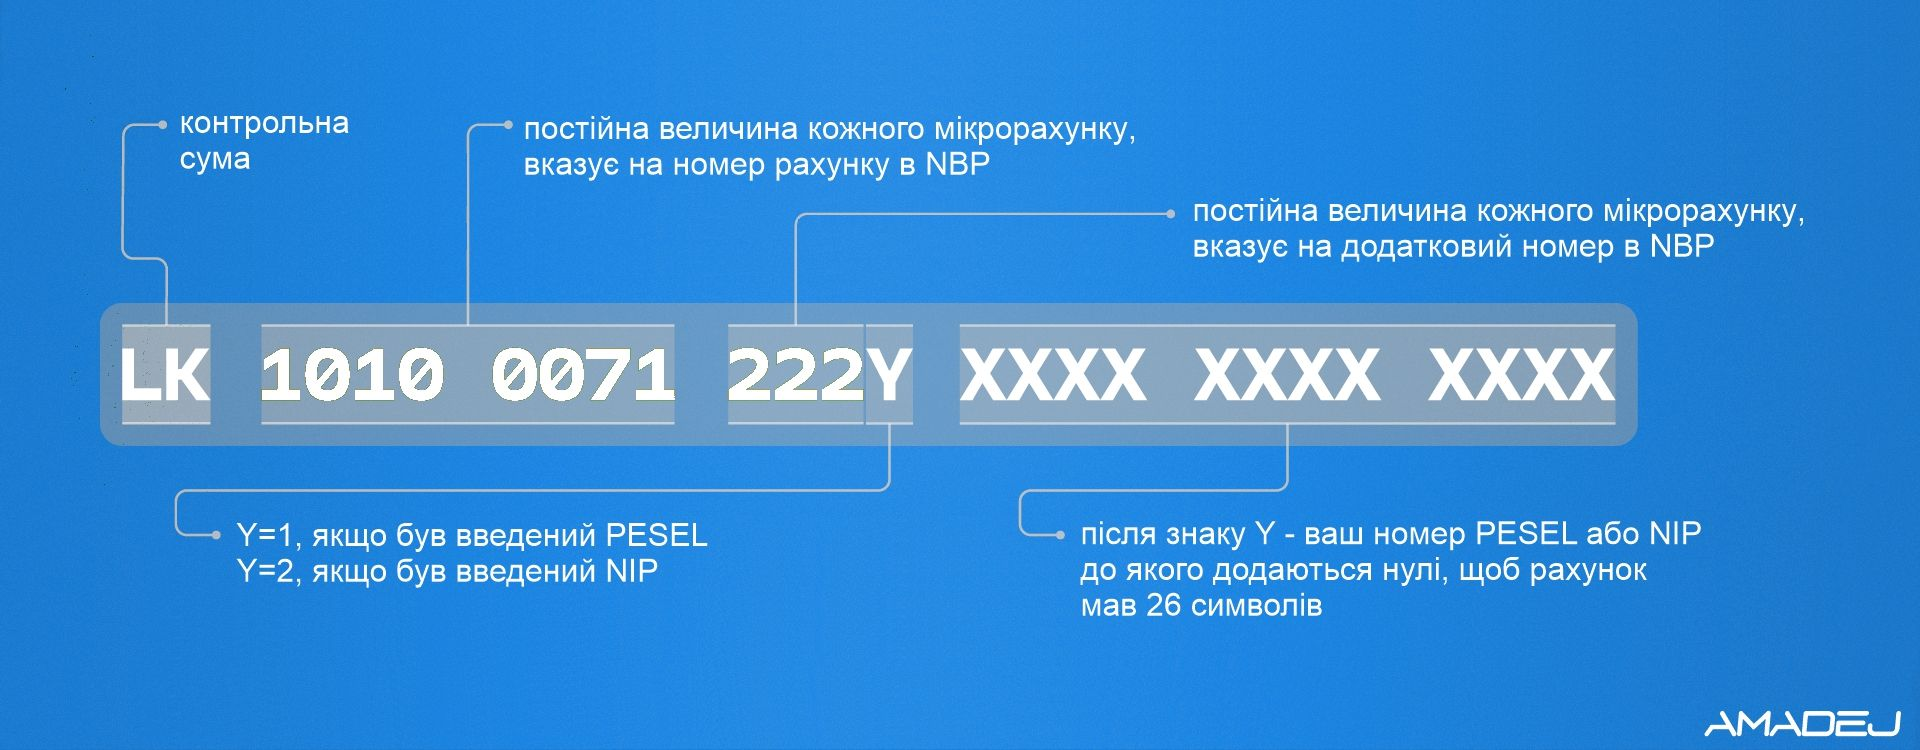 Структура номера податкового рахунку